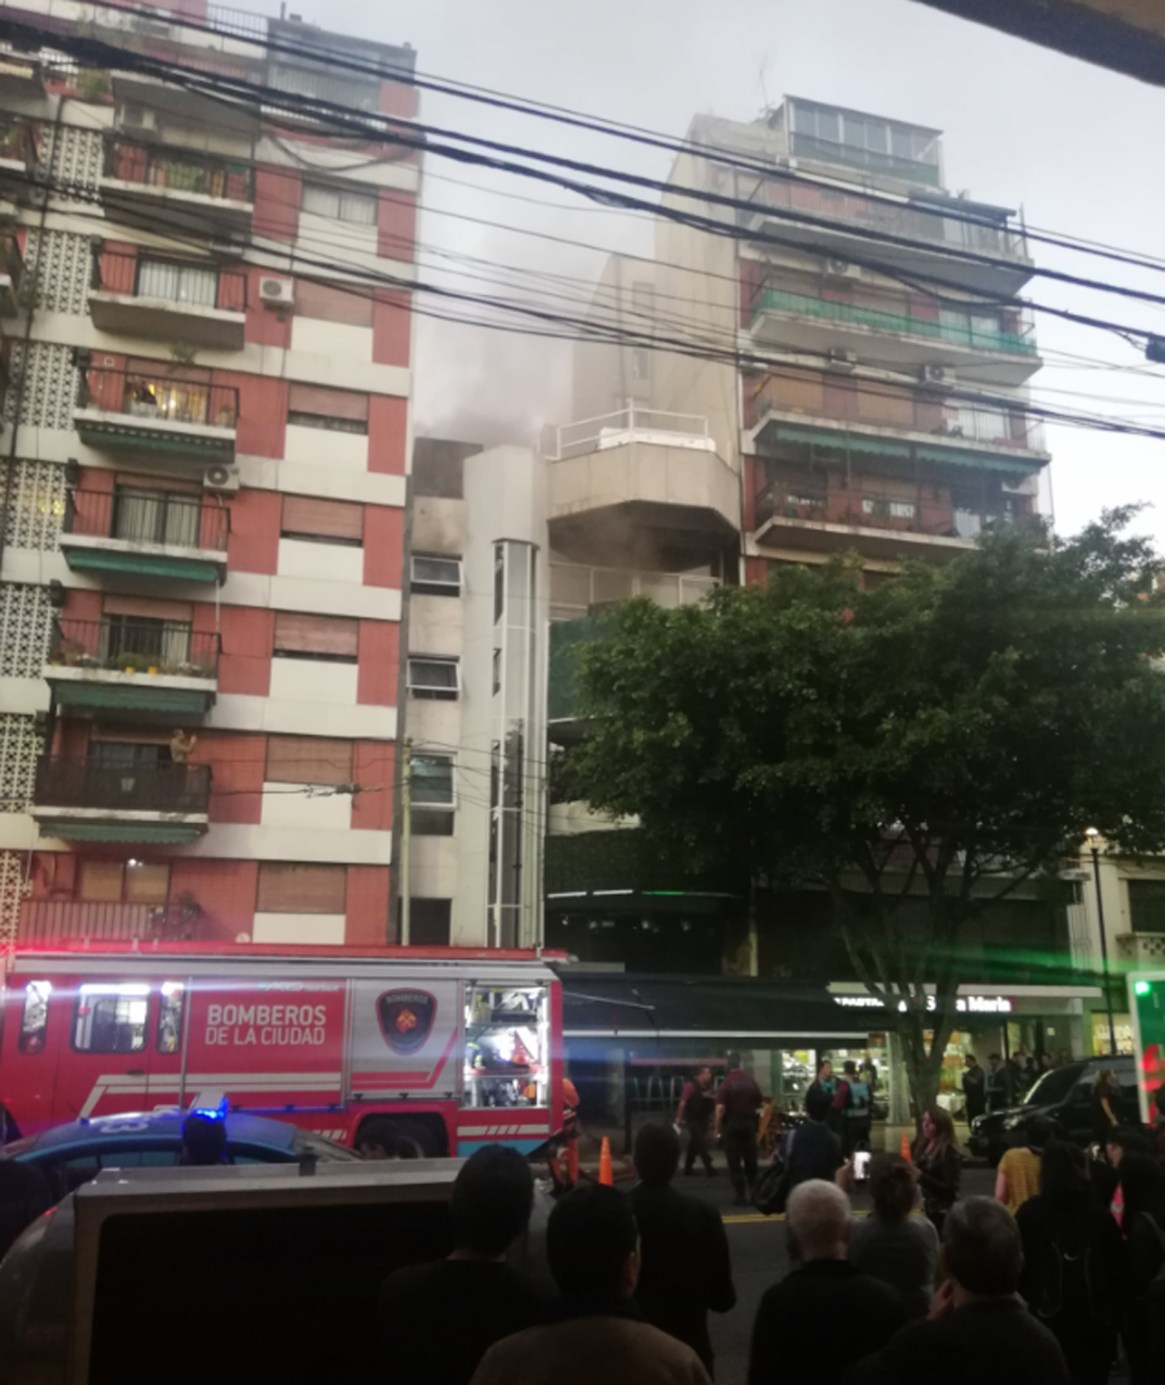 El incendio comenzó en un cuarto destinado como depósito